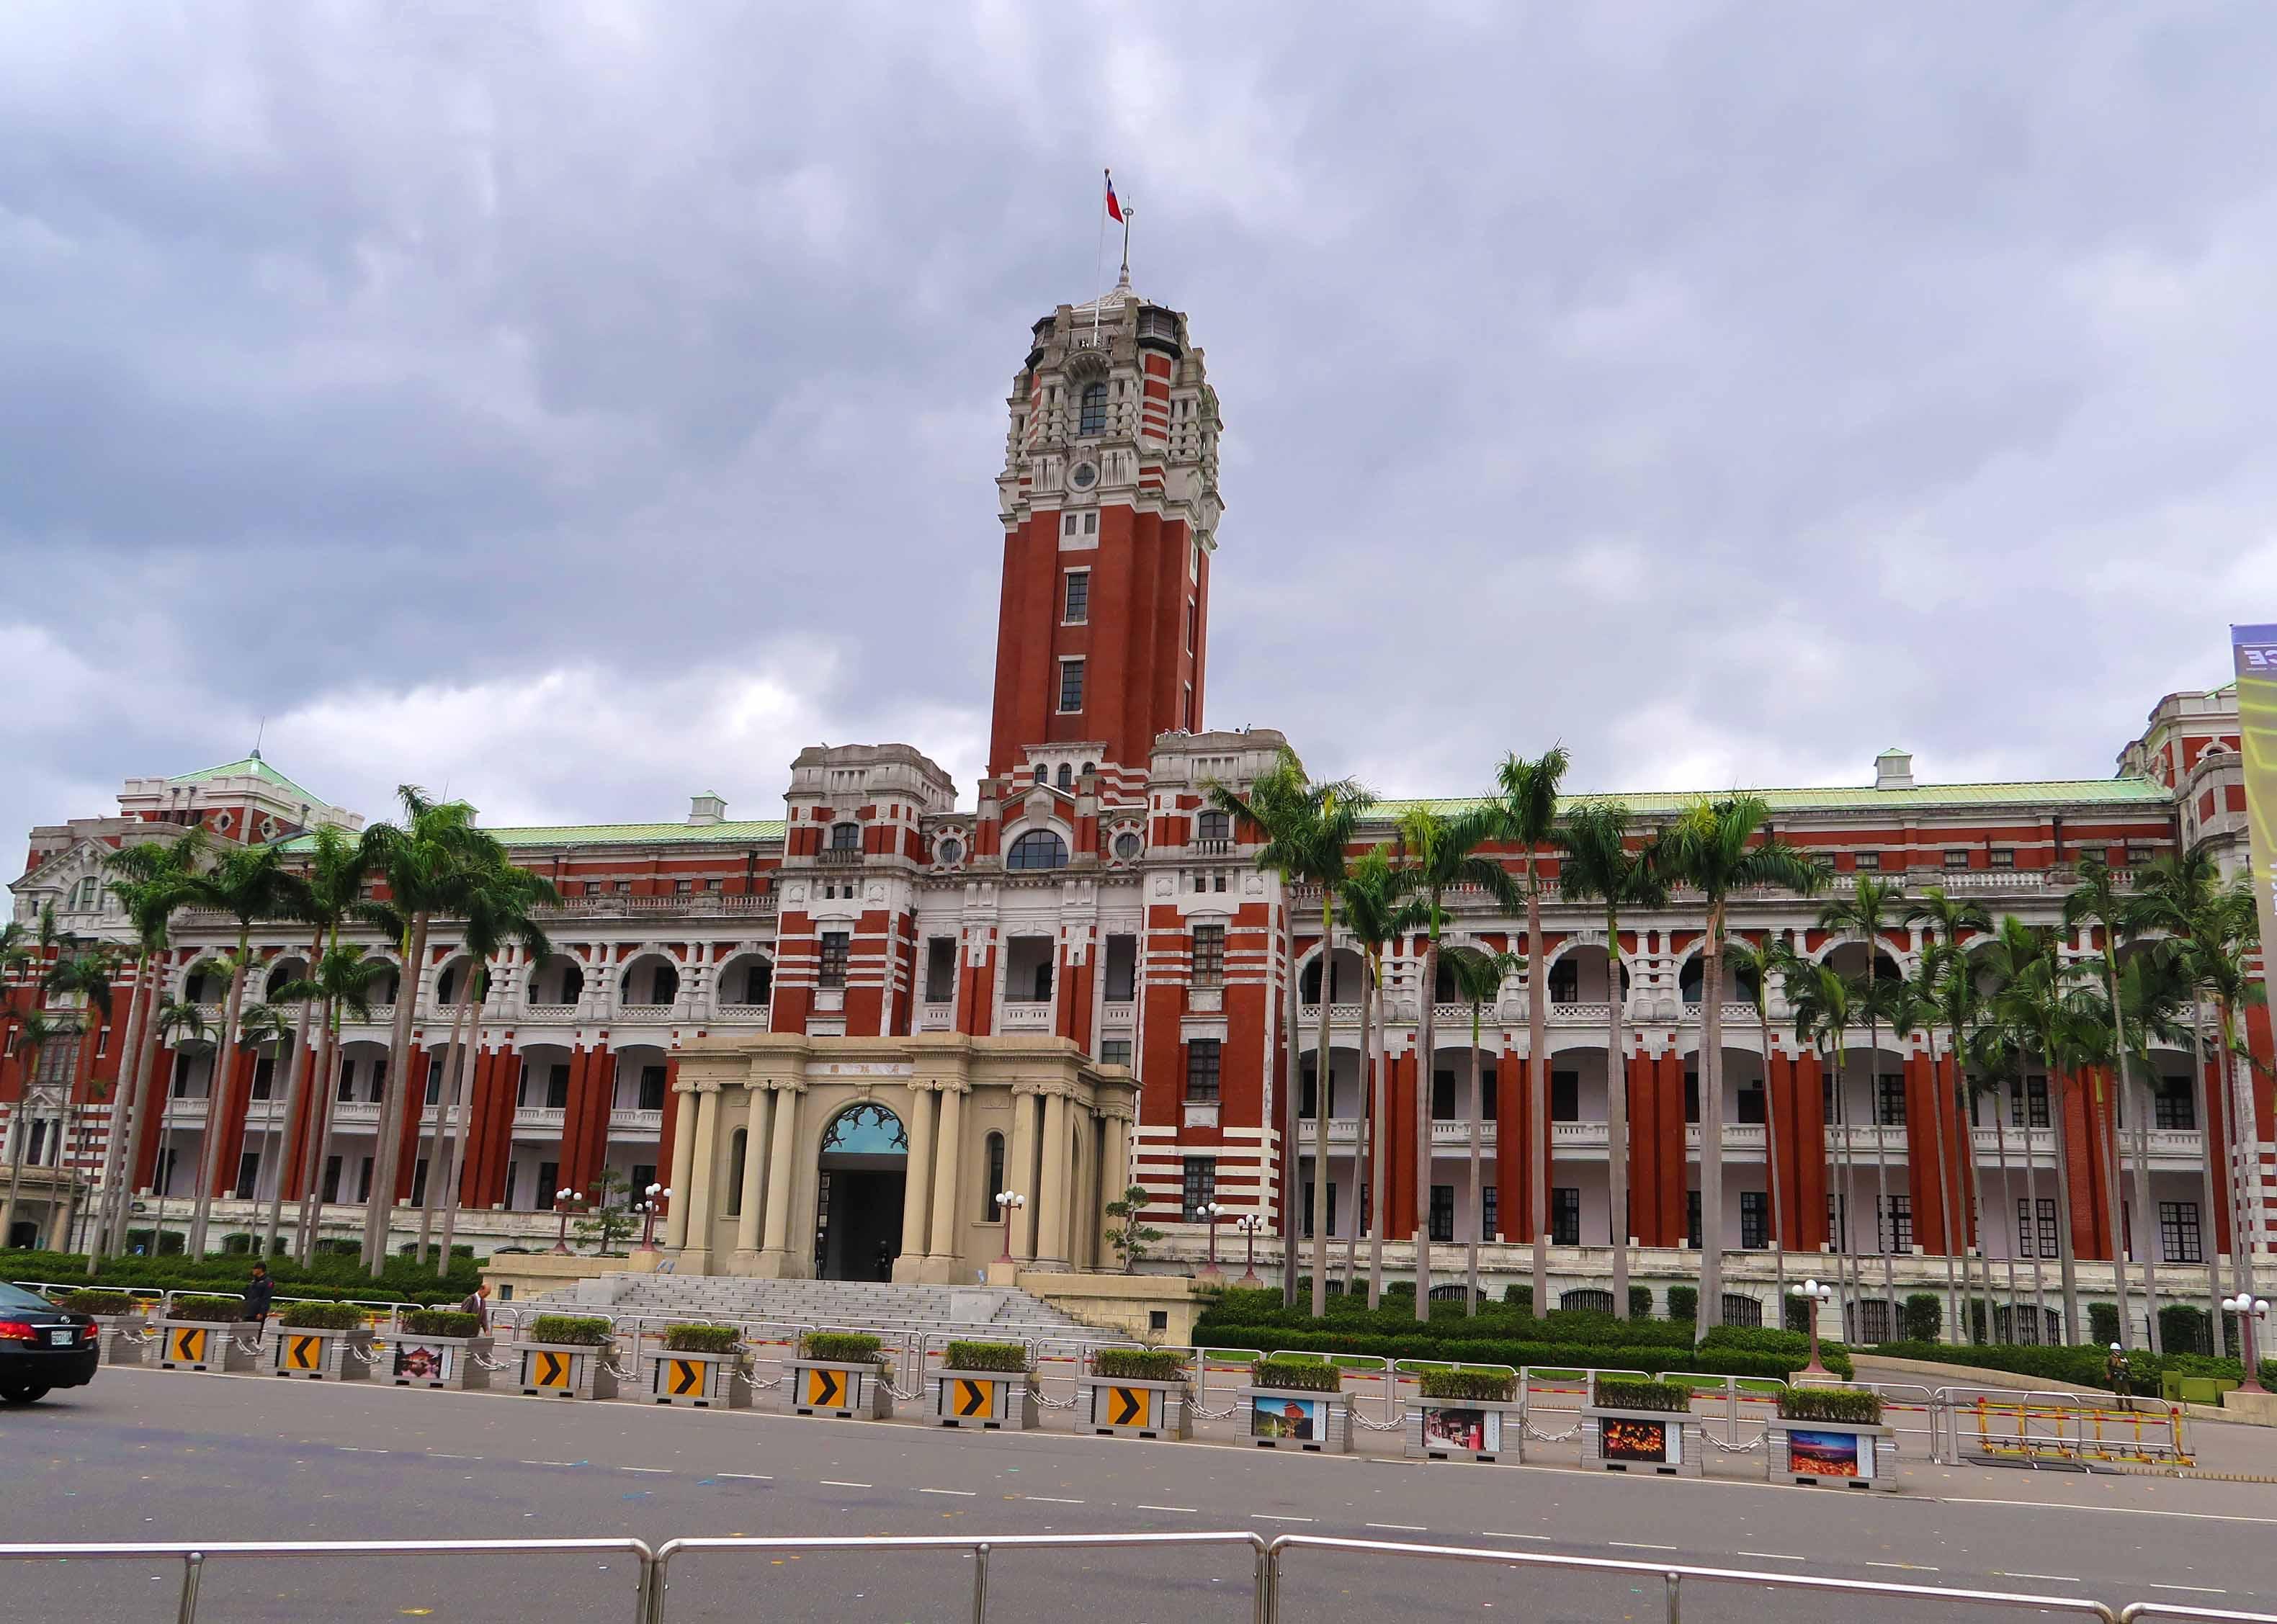 【二度目の台湾】 台北忠烈祠、台北グランドホテル(昼食)、故宮博物院♪ ~二日目(2)~